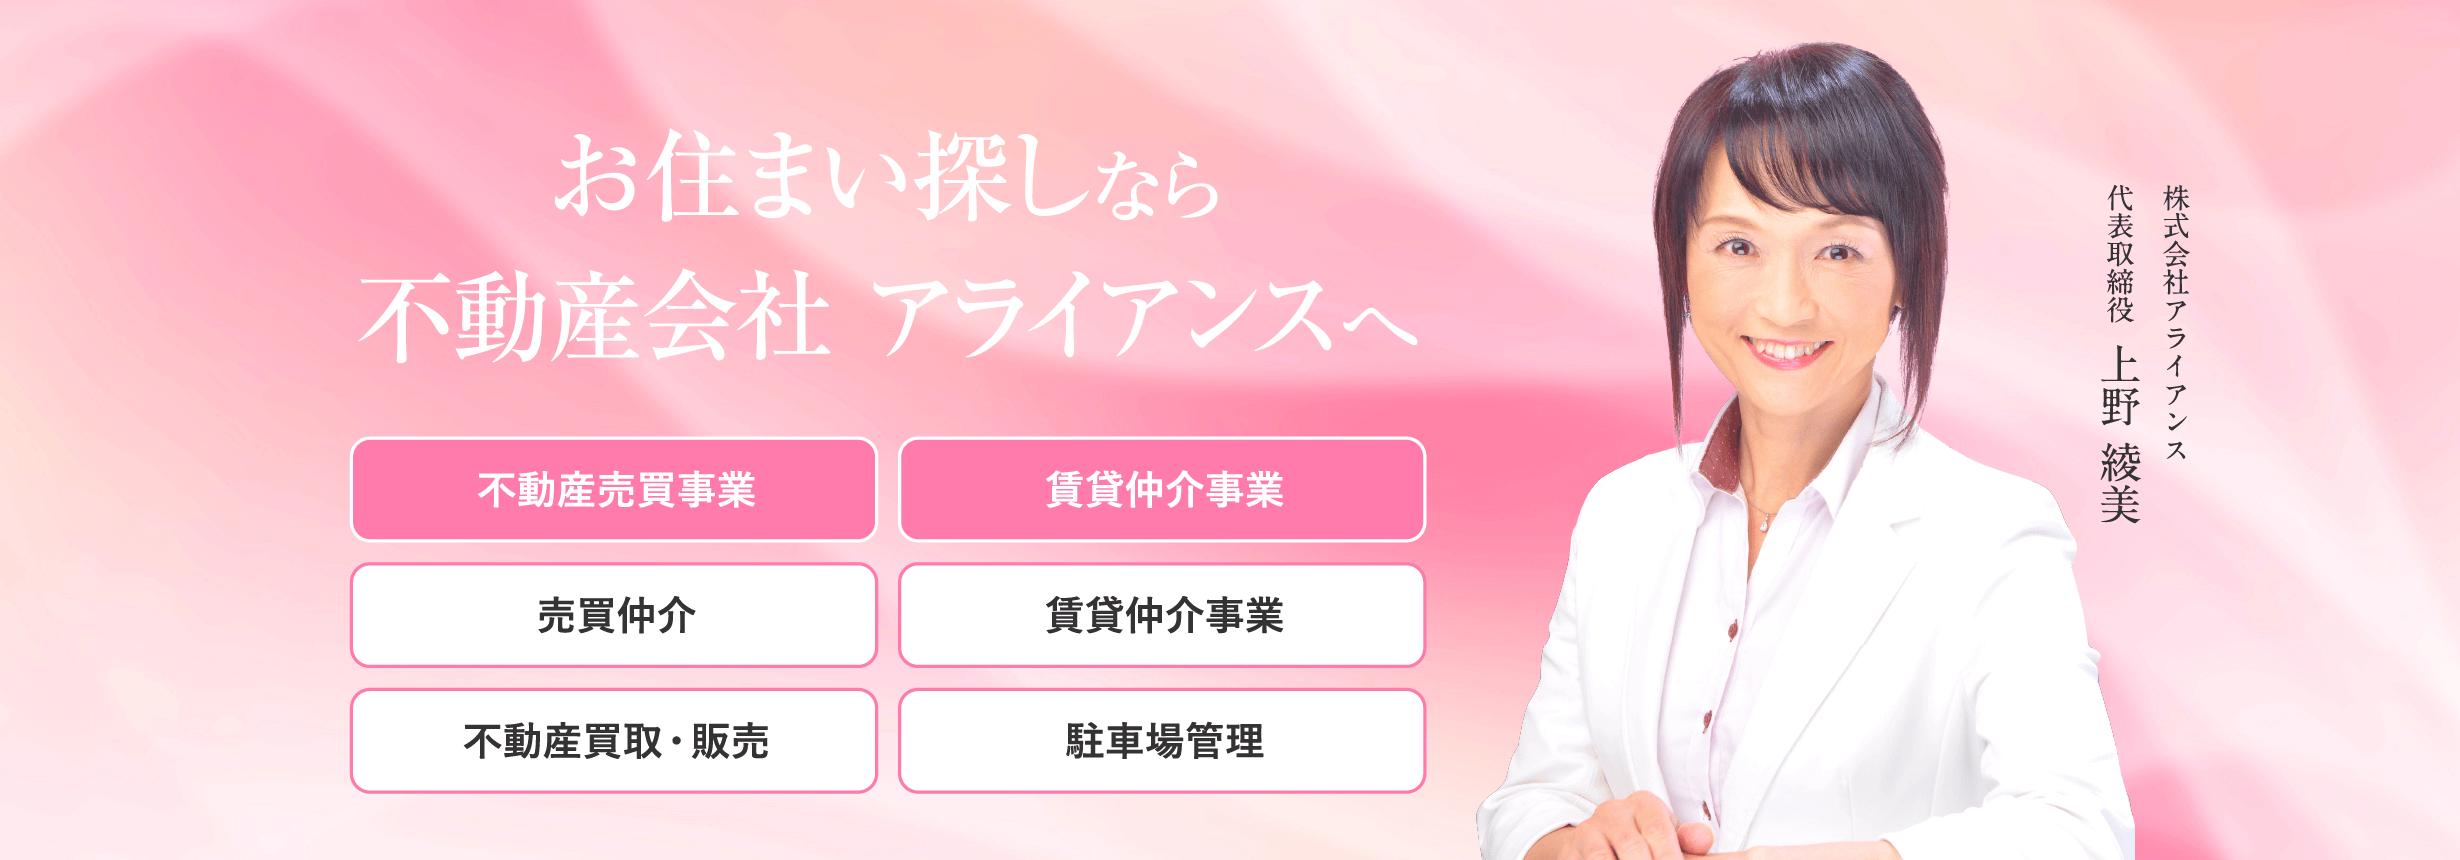 株式会社アライアンス|代表取締役上野 綾美メインイメージ